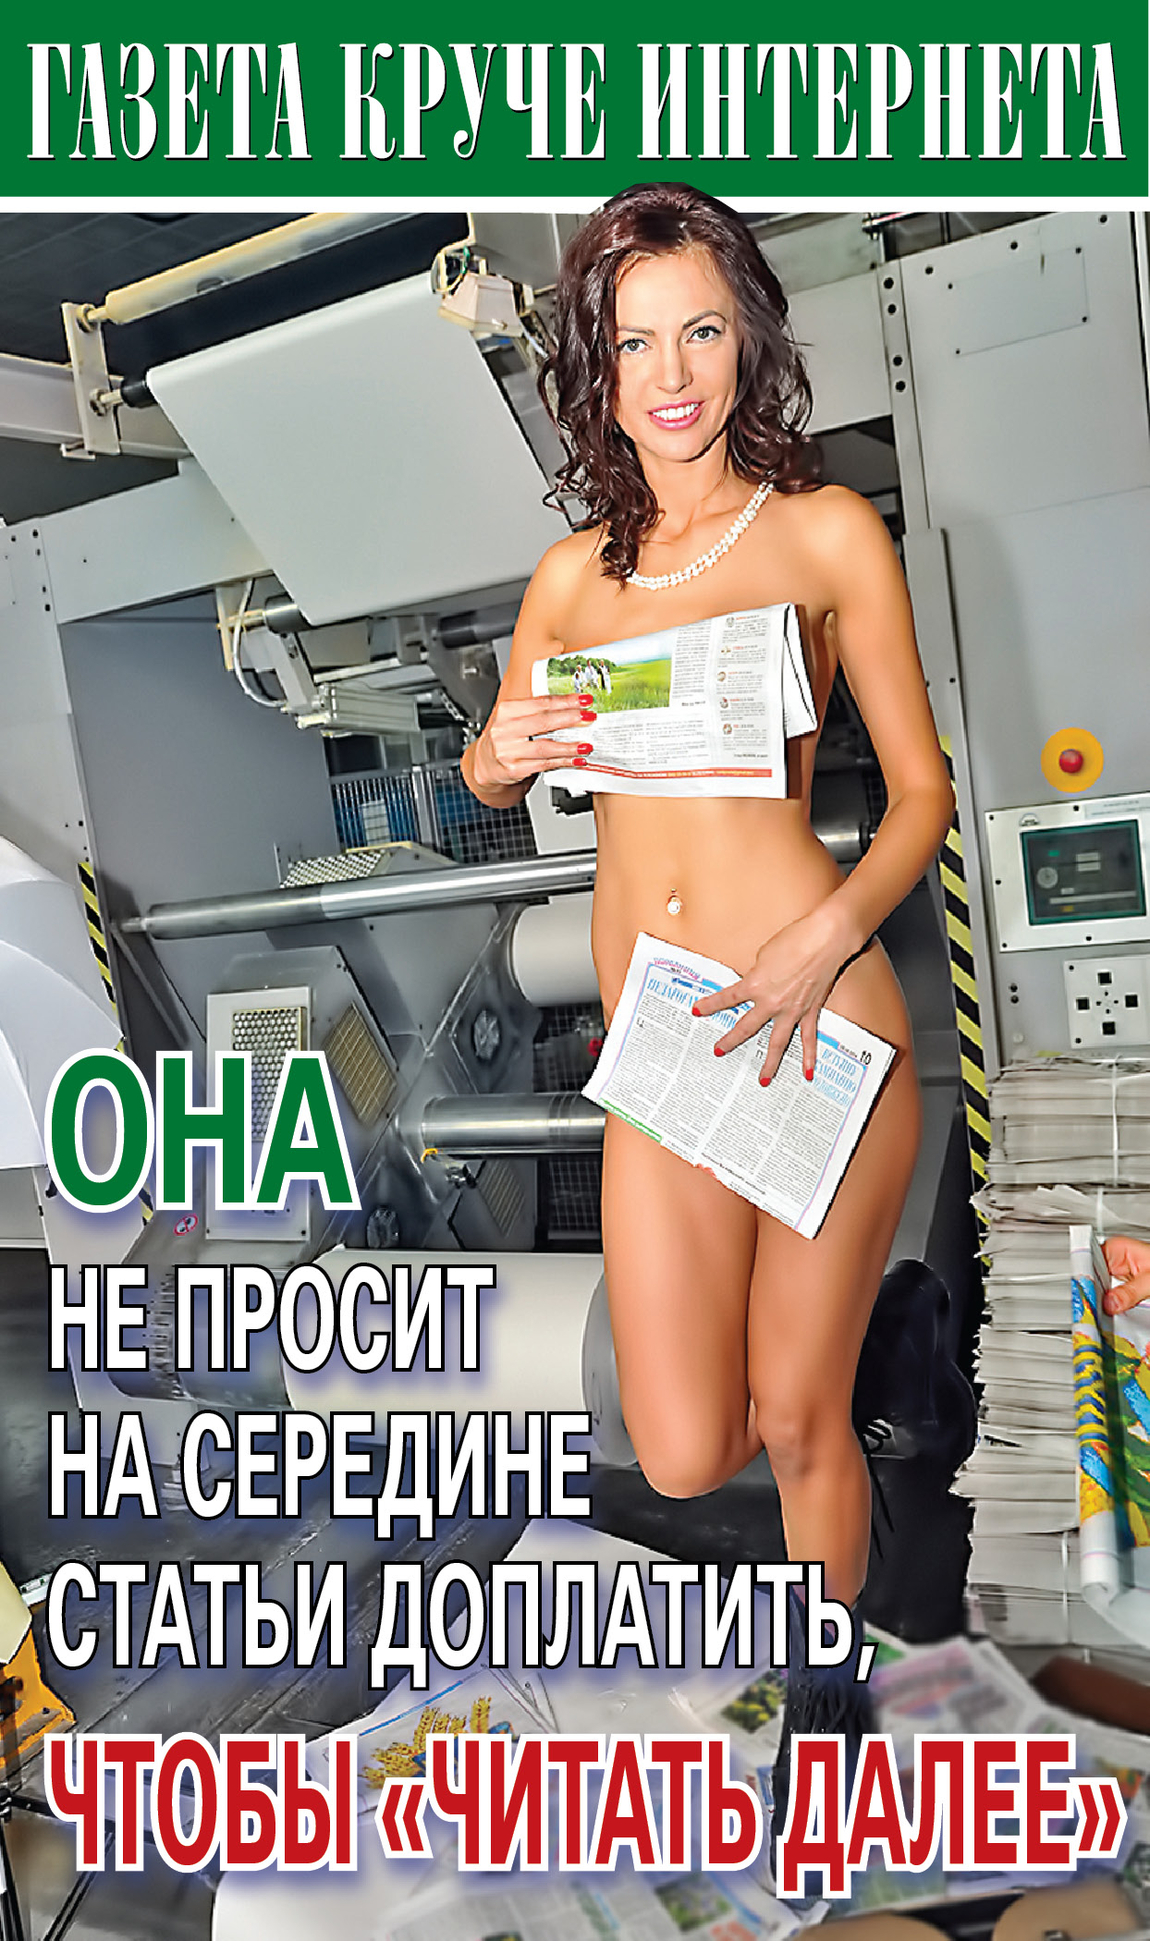 Сотрудники медиа-холдинга COOP-MEDIA подготовили серию постеров в поддержку печатных СМИ.